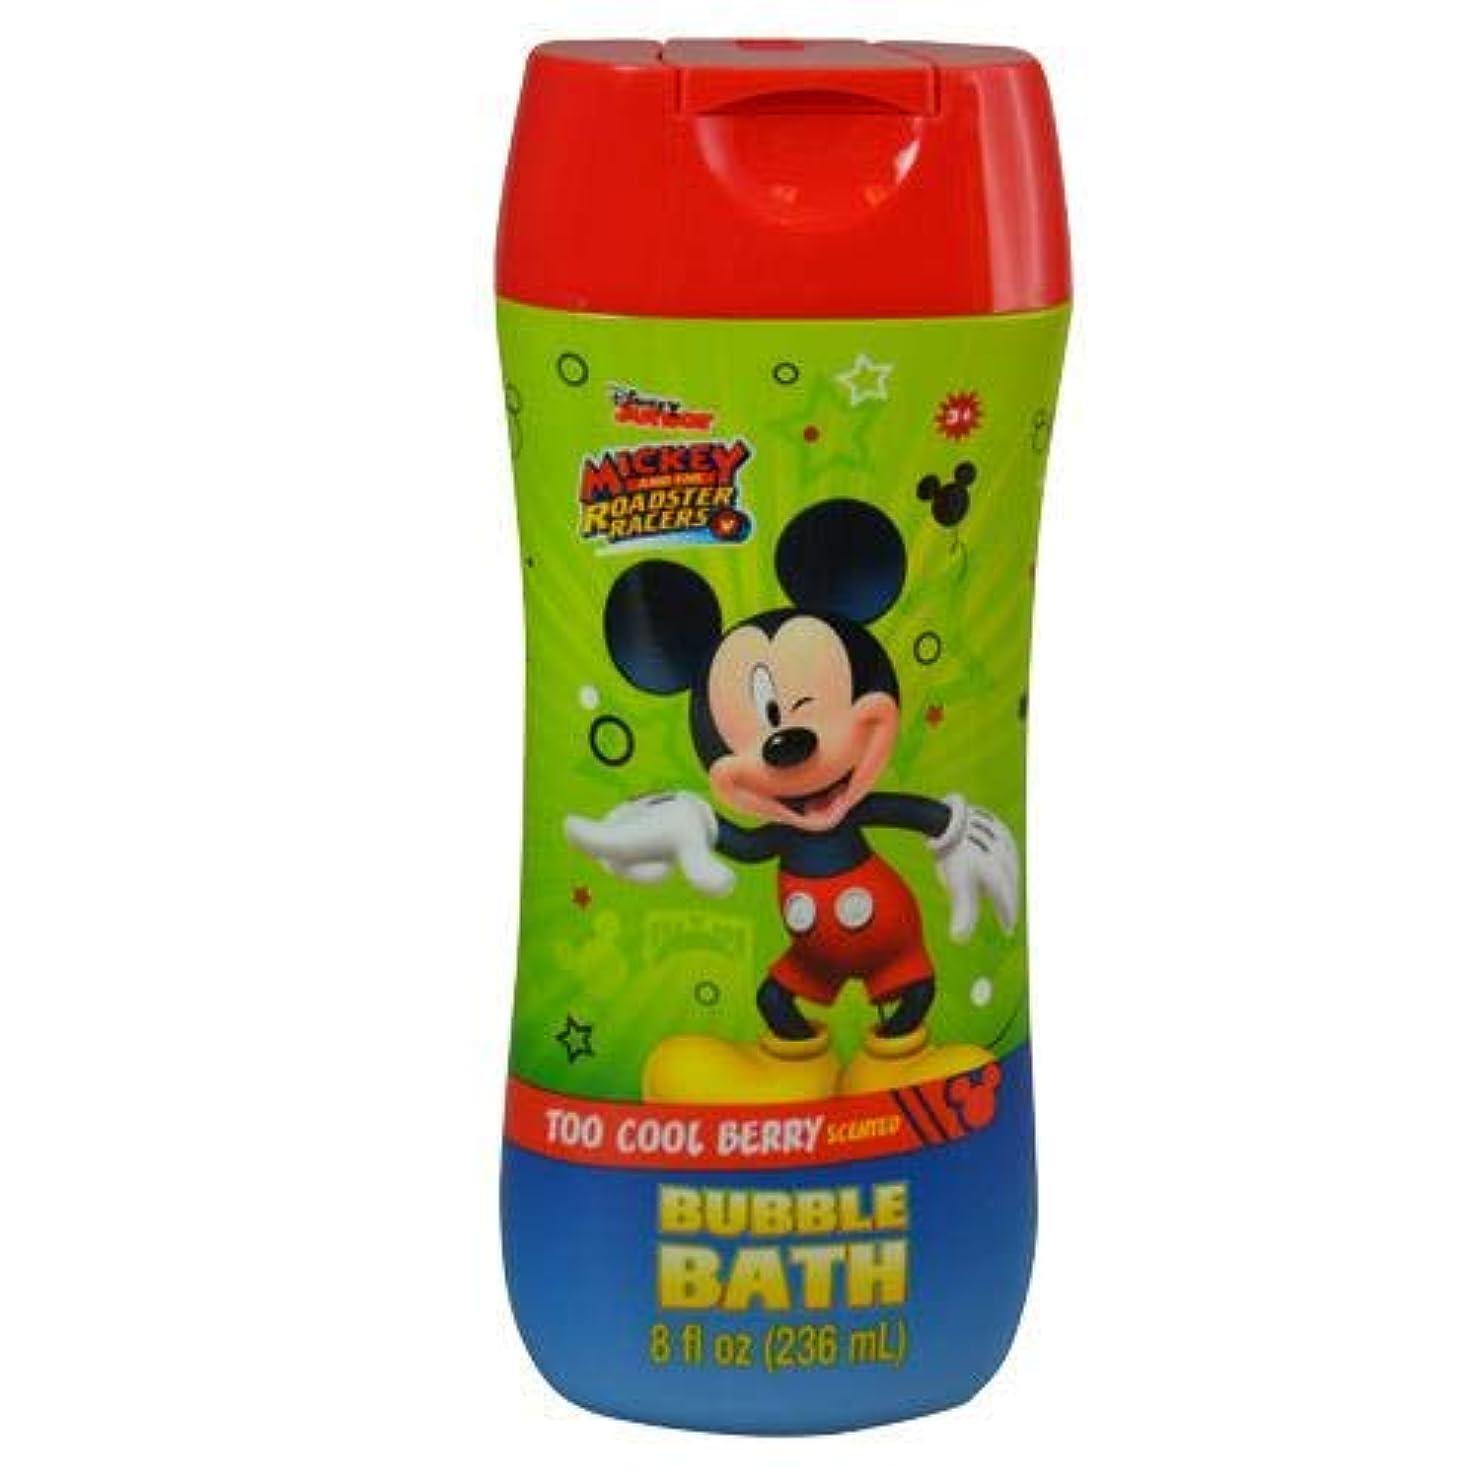 交流するアダルト真夜中ミッキー バブルバス 13398 子供 子供用 ディズニー Disney キャラクター グッズ【即日?翌日発送】